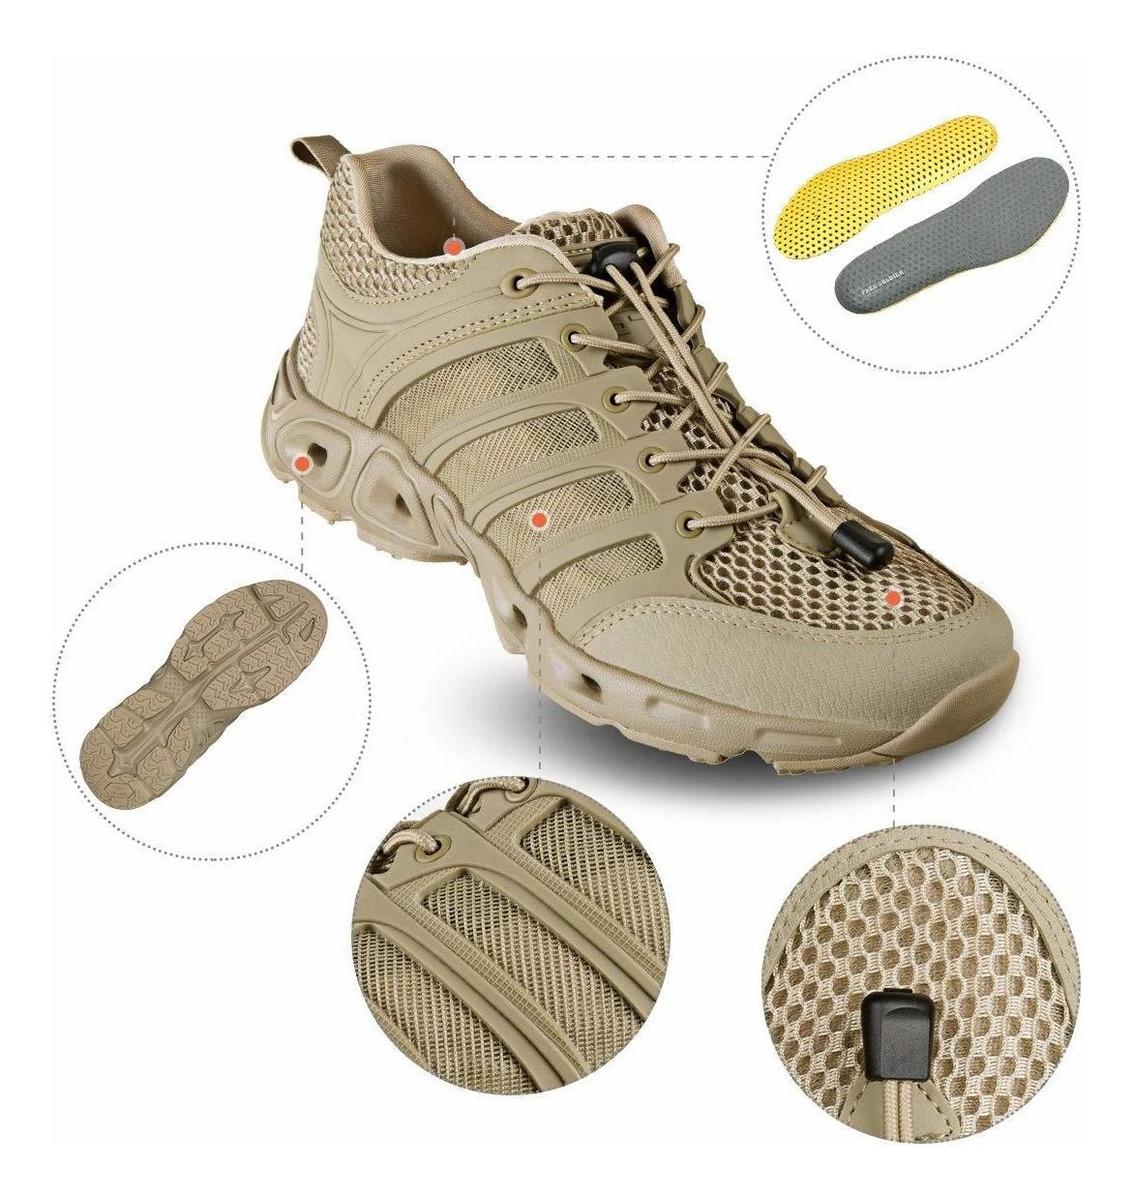 suela antideslizante y calzado transpirable Zapatos de senderismo escalada y otros deporte para hombre FREE SOLDIER